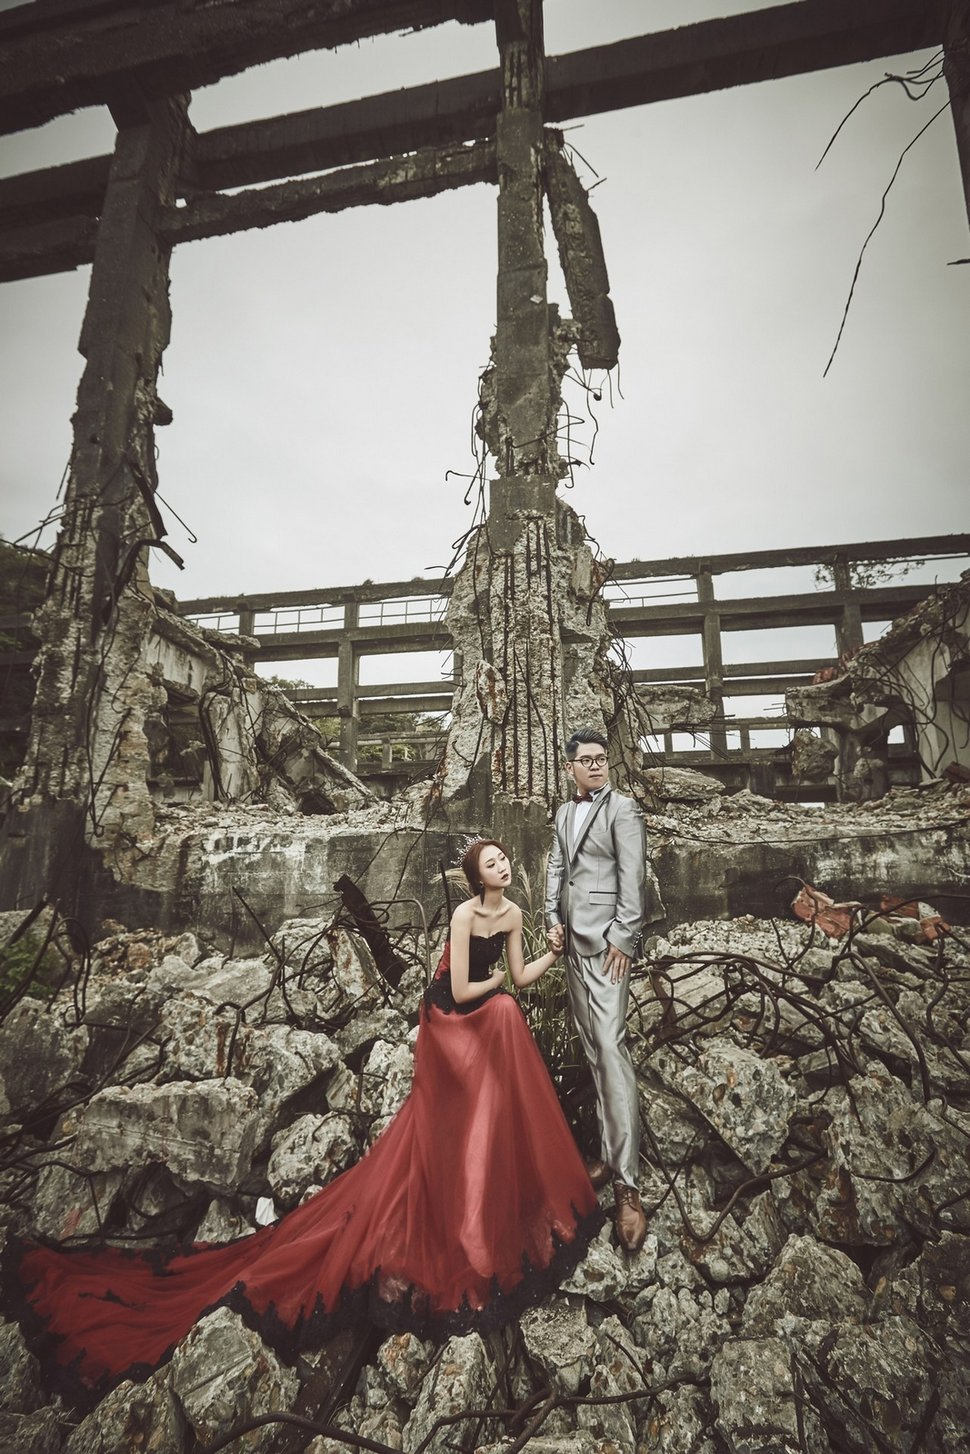 伊頓自助婚紗 (15) - 伊頓自助婚紗 ▌台北高雄板橋桃園新竹台南《結婚吧》